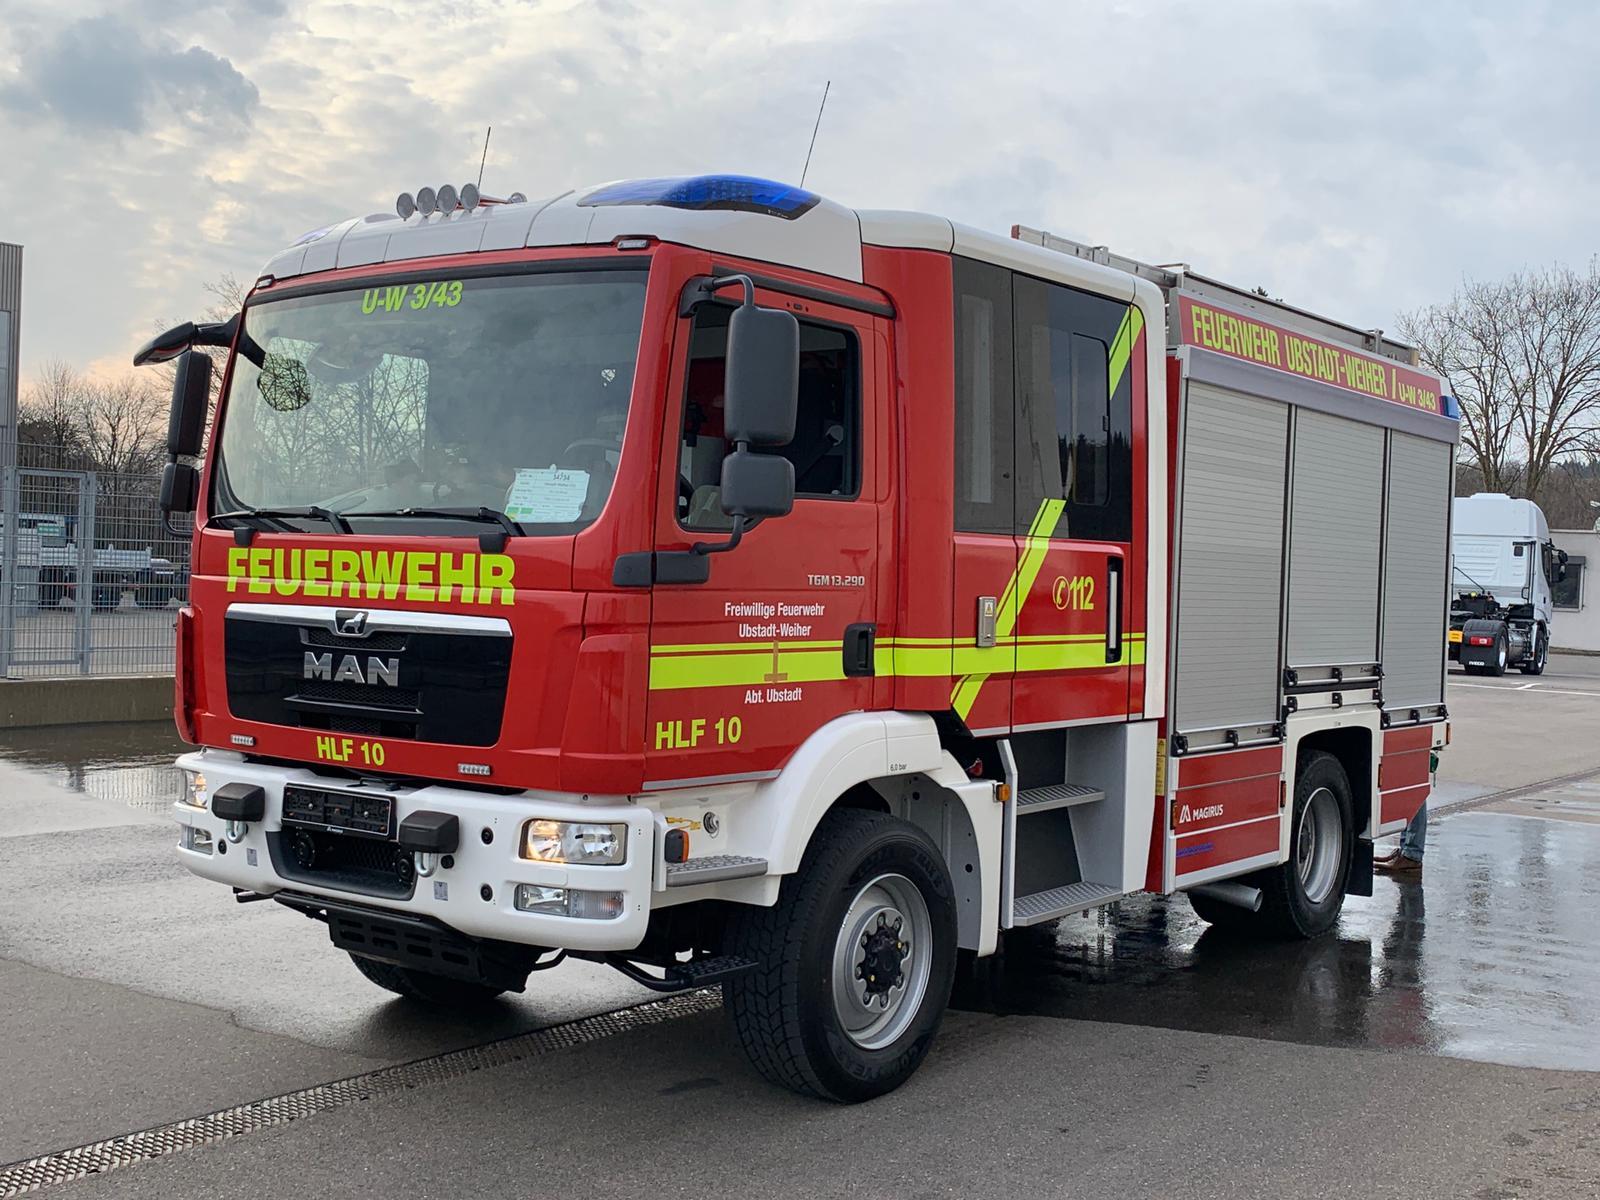 Feuerwehr Ubstadt Weiher